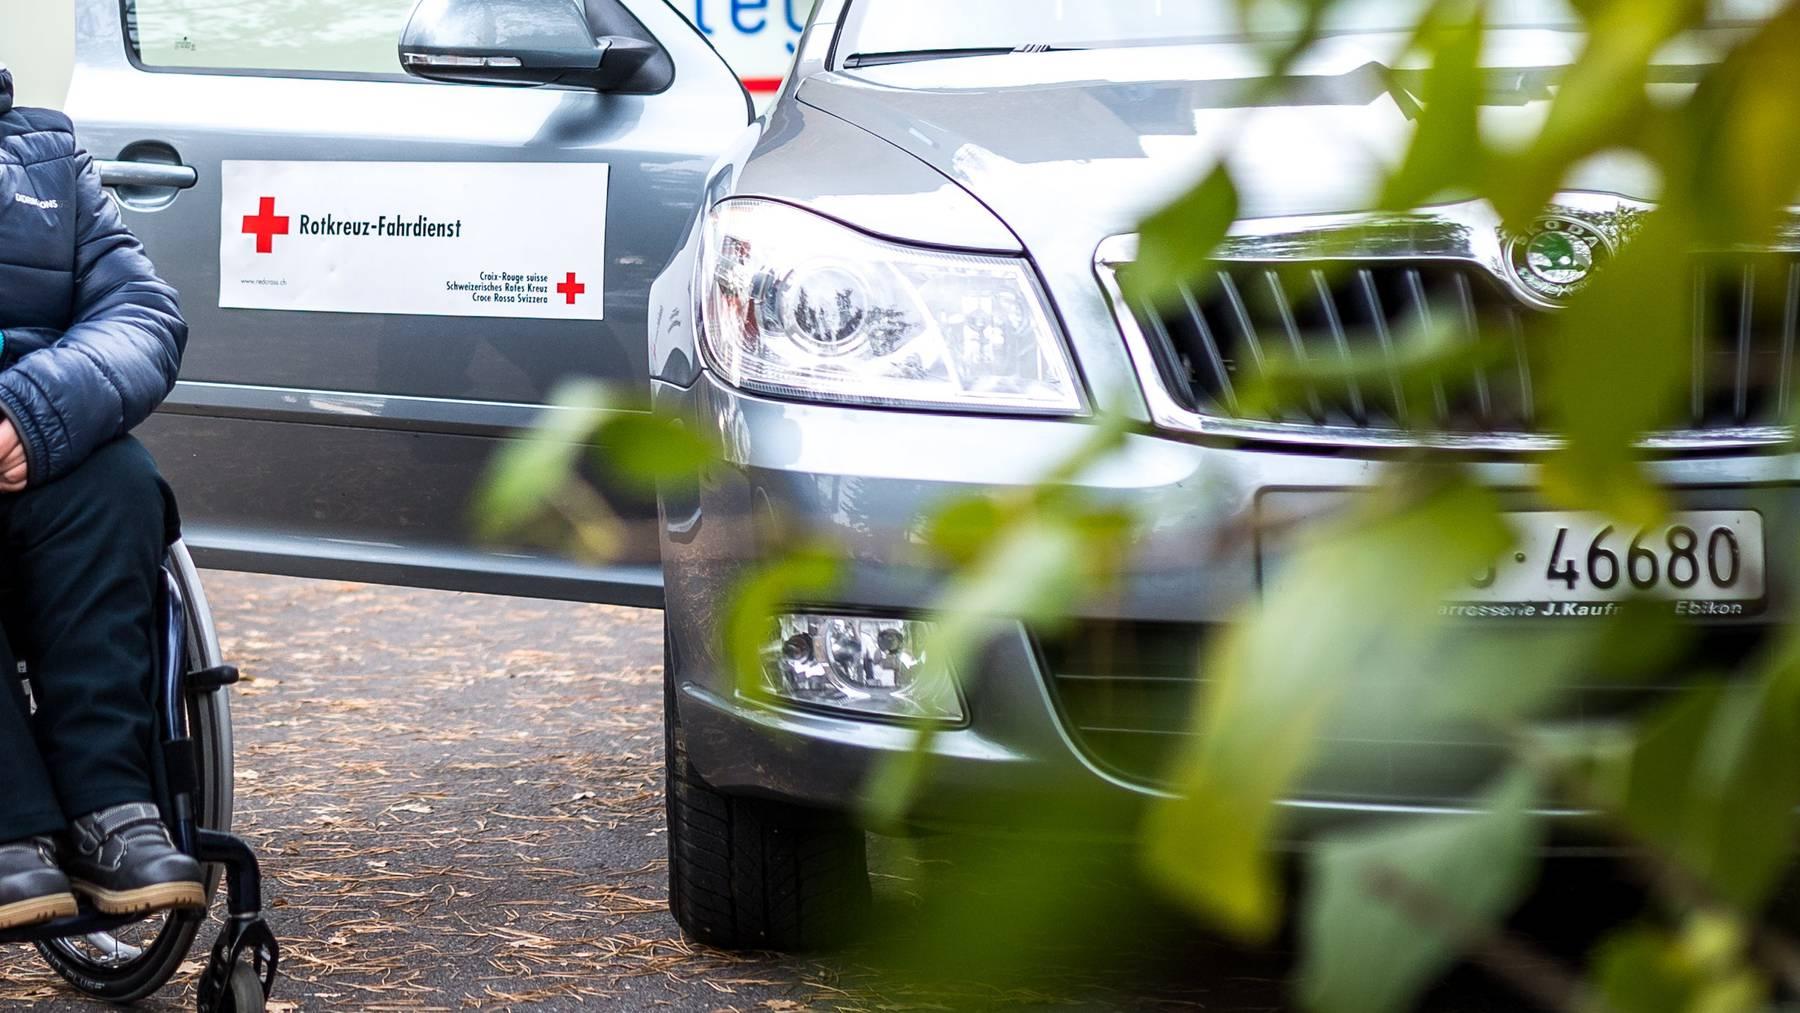 Immer mehr Hilfseinsätze im Spital – aber auch den Fahrdienst bietet das Schweizerische Rote Kreuz mit seinen Kantonalverbänden an. (Symbolbild)